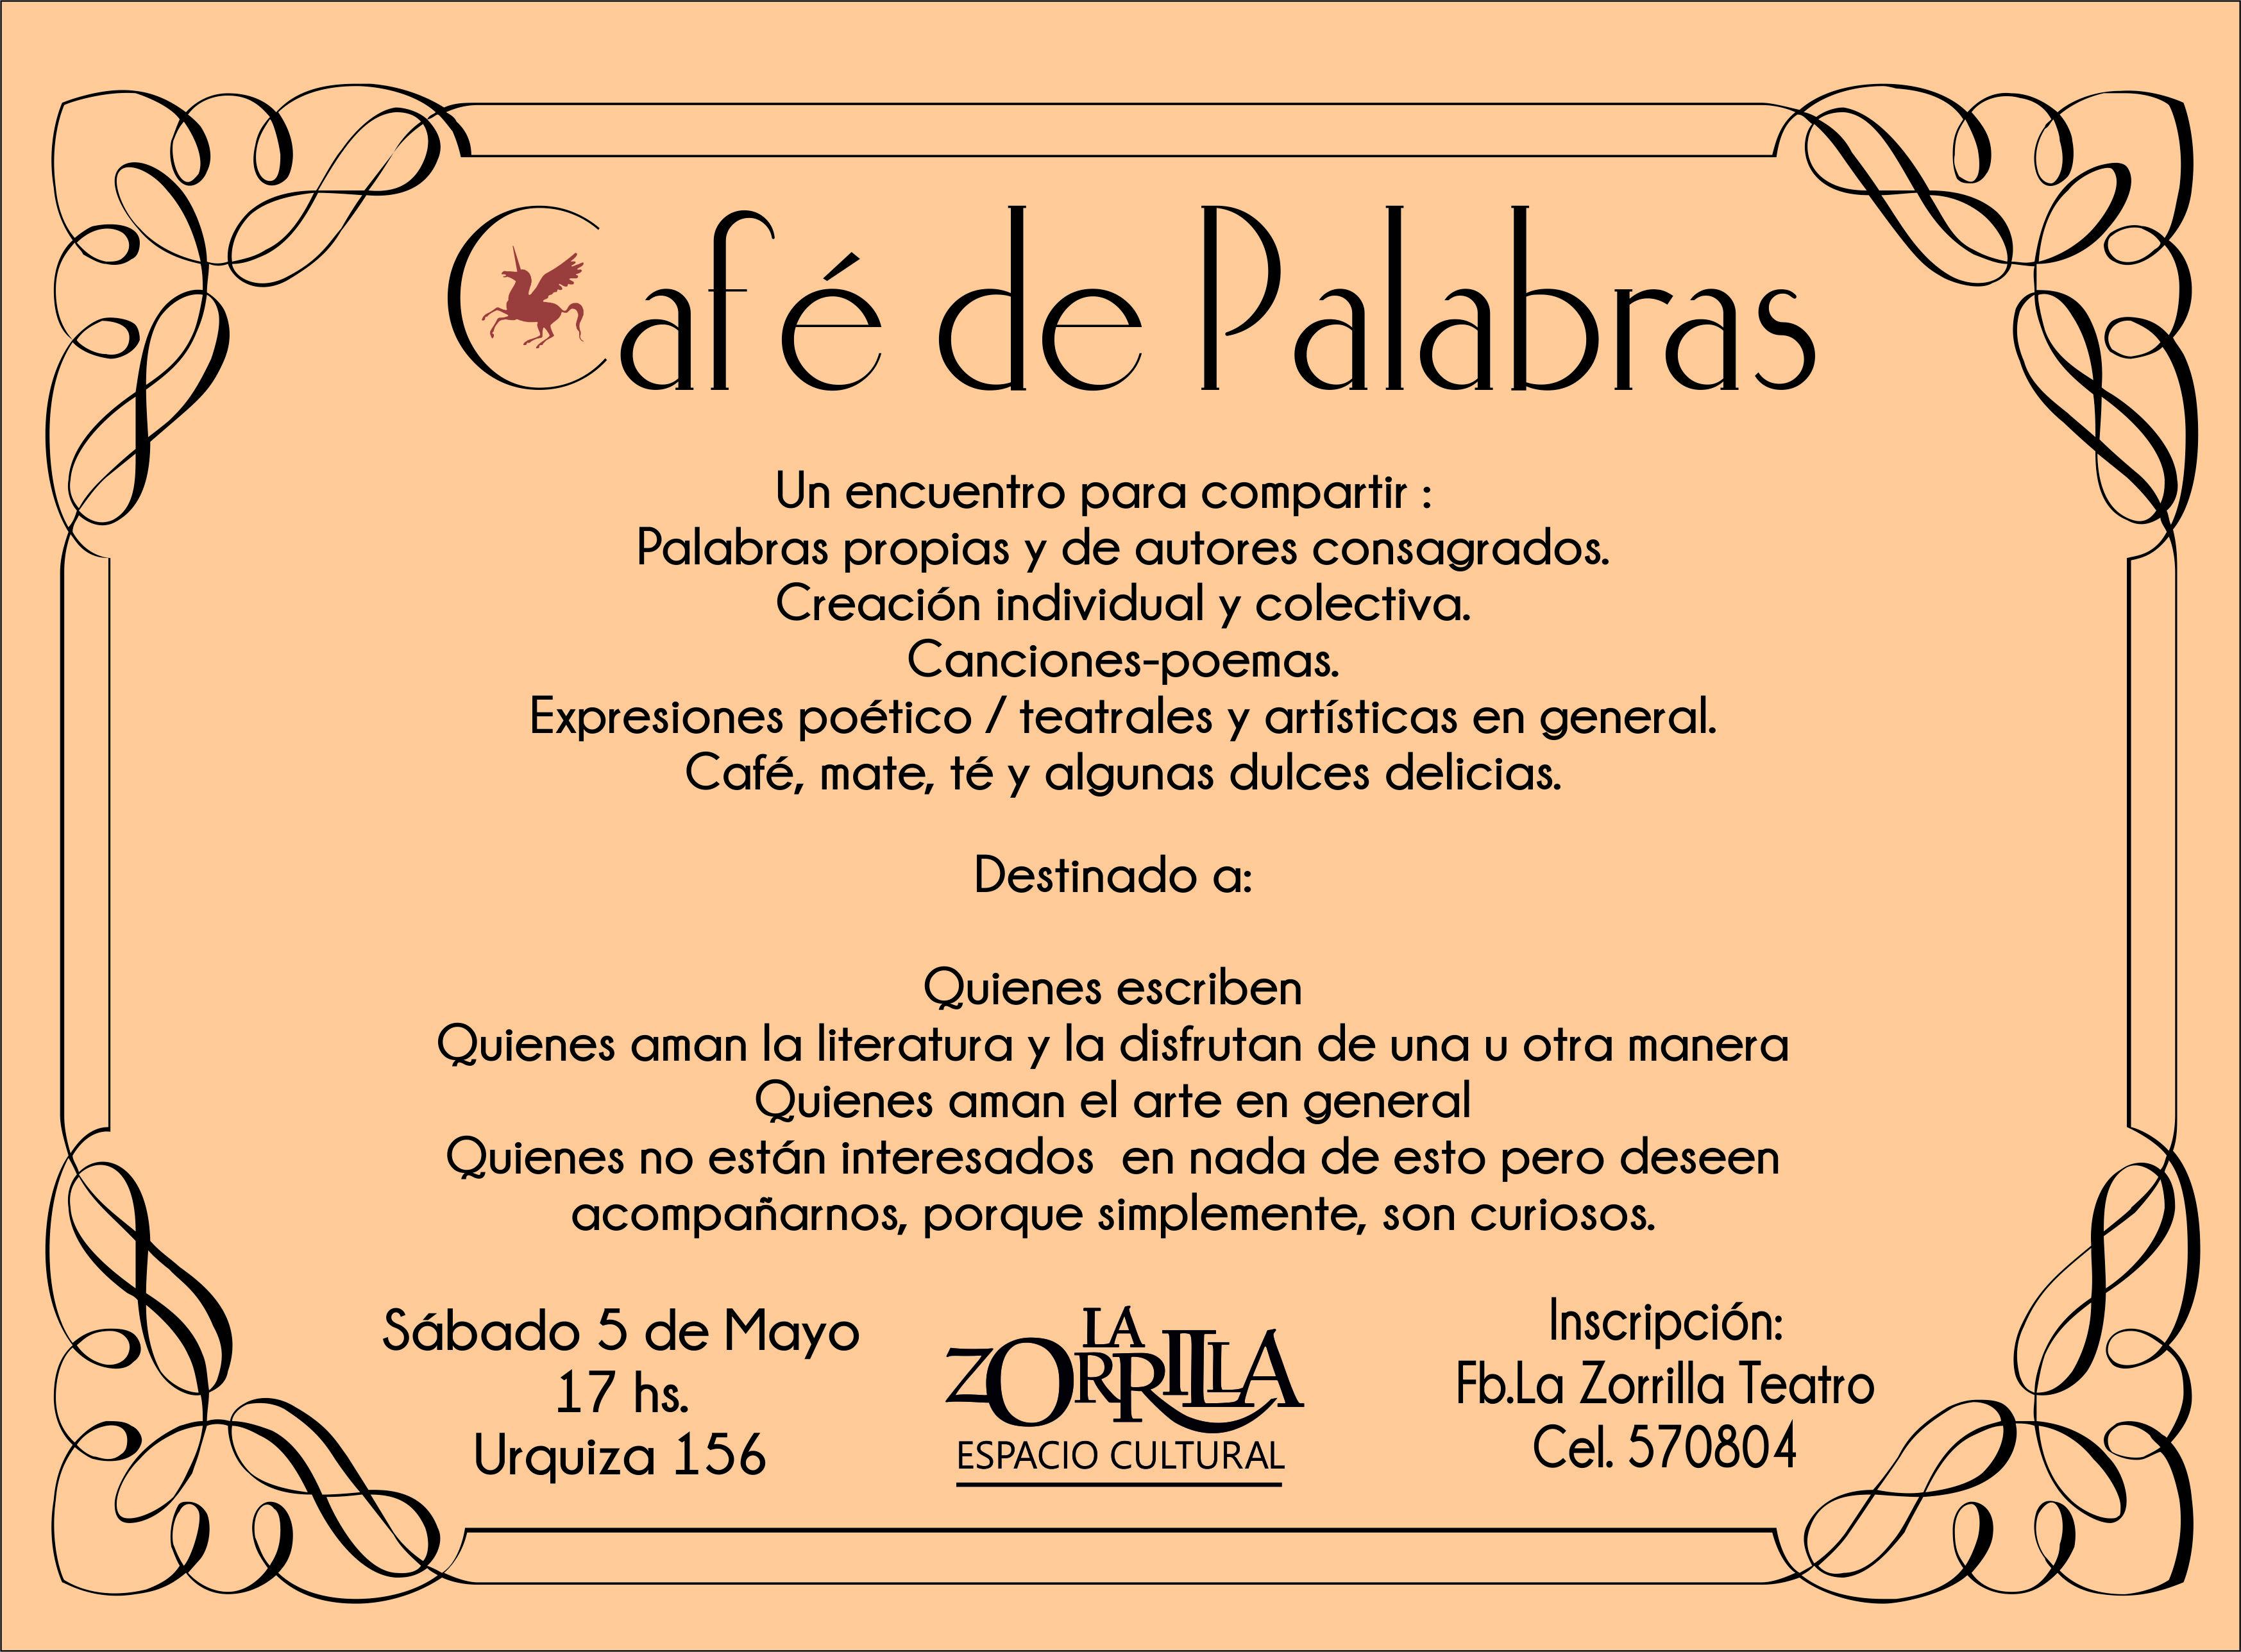 El Espacio Cultural La Zorrilla invita a participar del CAFÉ DE PALABRAS.